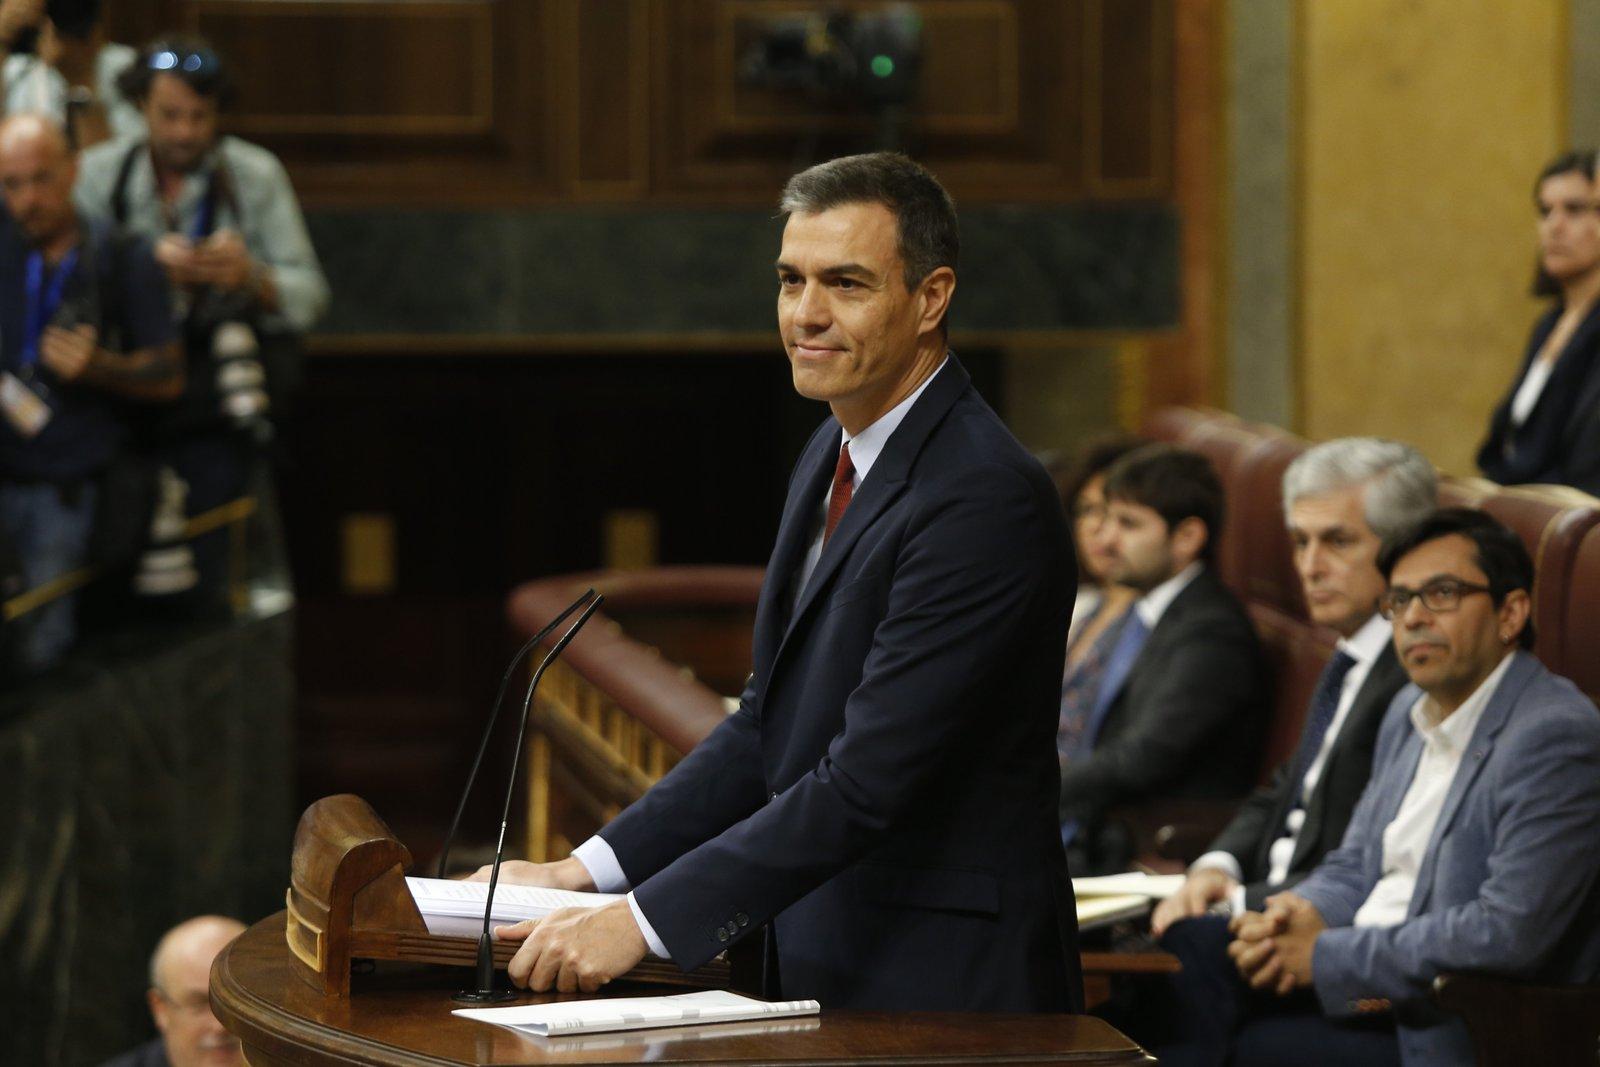 Sigue en directo el debate de investidura para la proclamación de Pedro Sánchez como presidente del gobierno en InfoDiario.es